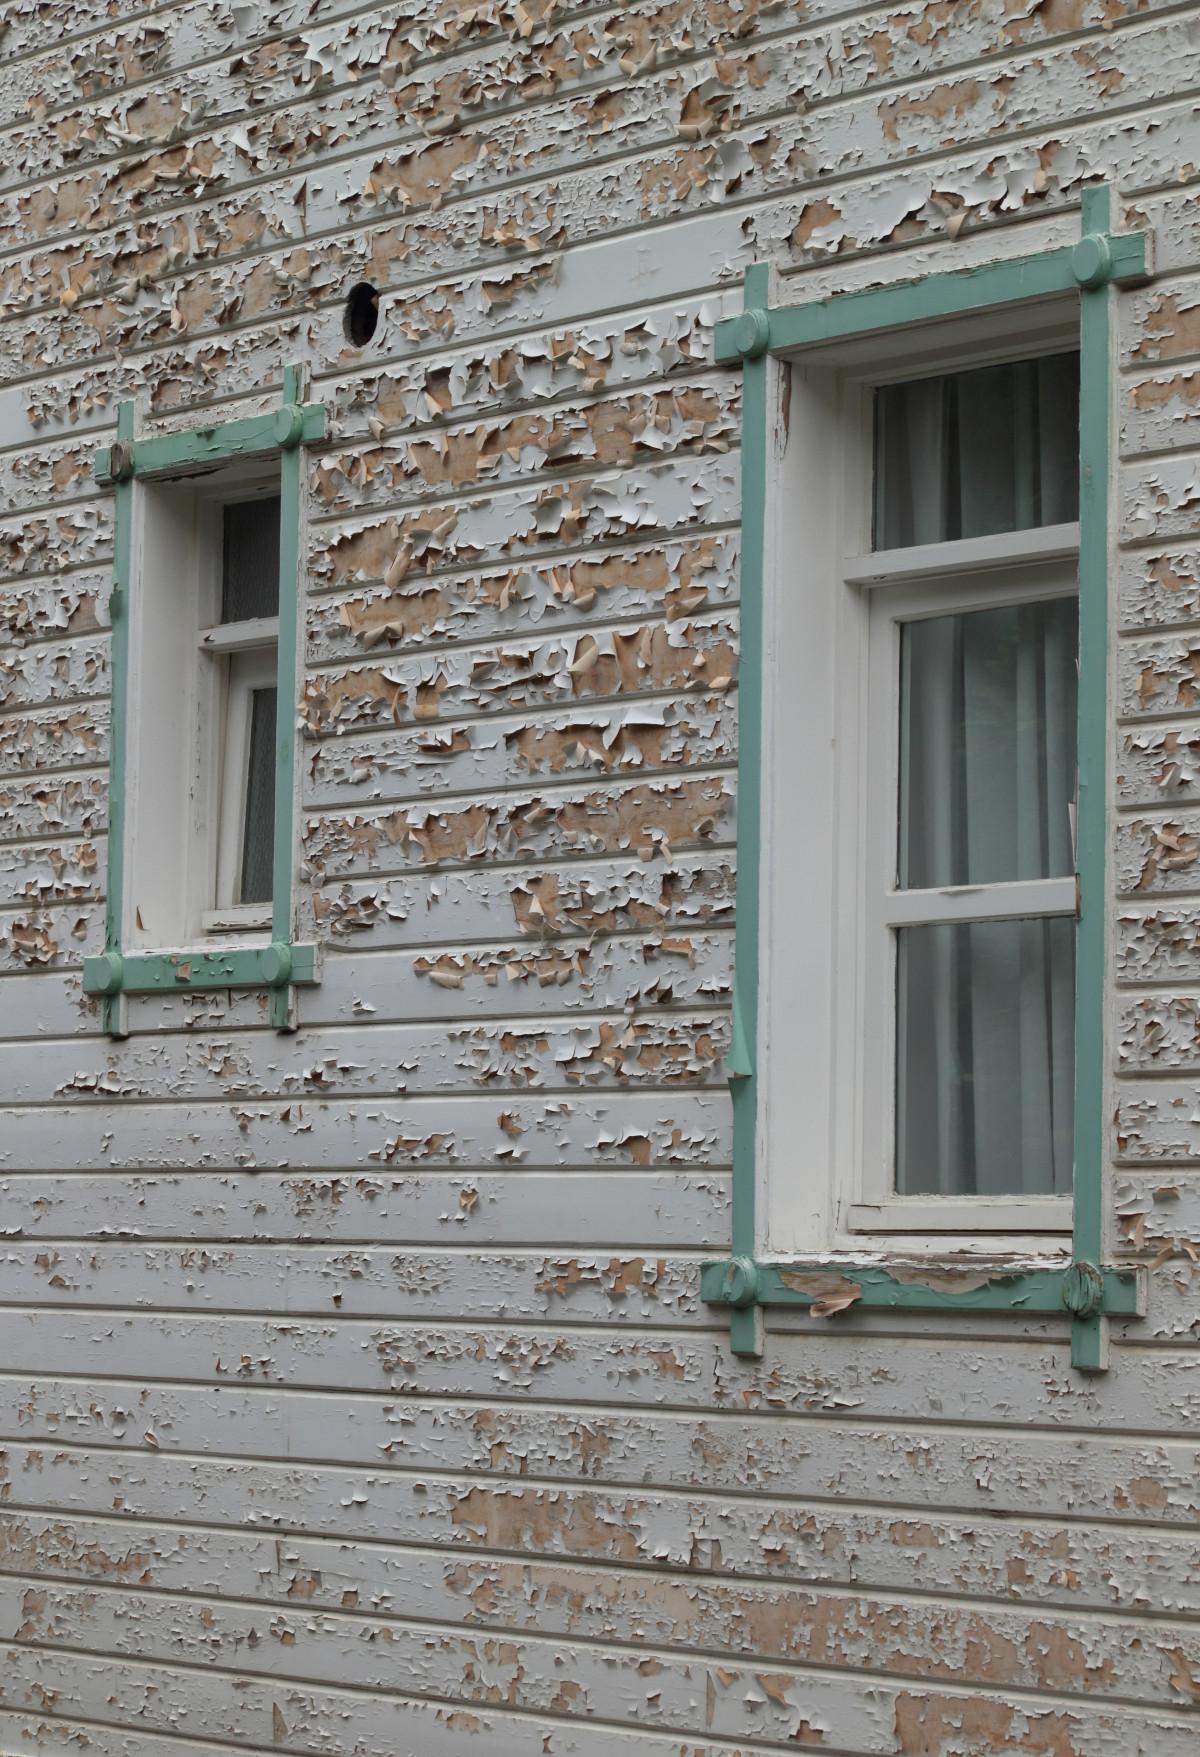 Kostenlose foto vogel holz haus fenster dach mauer for Haus fenster